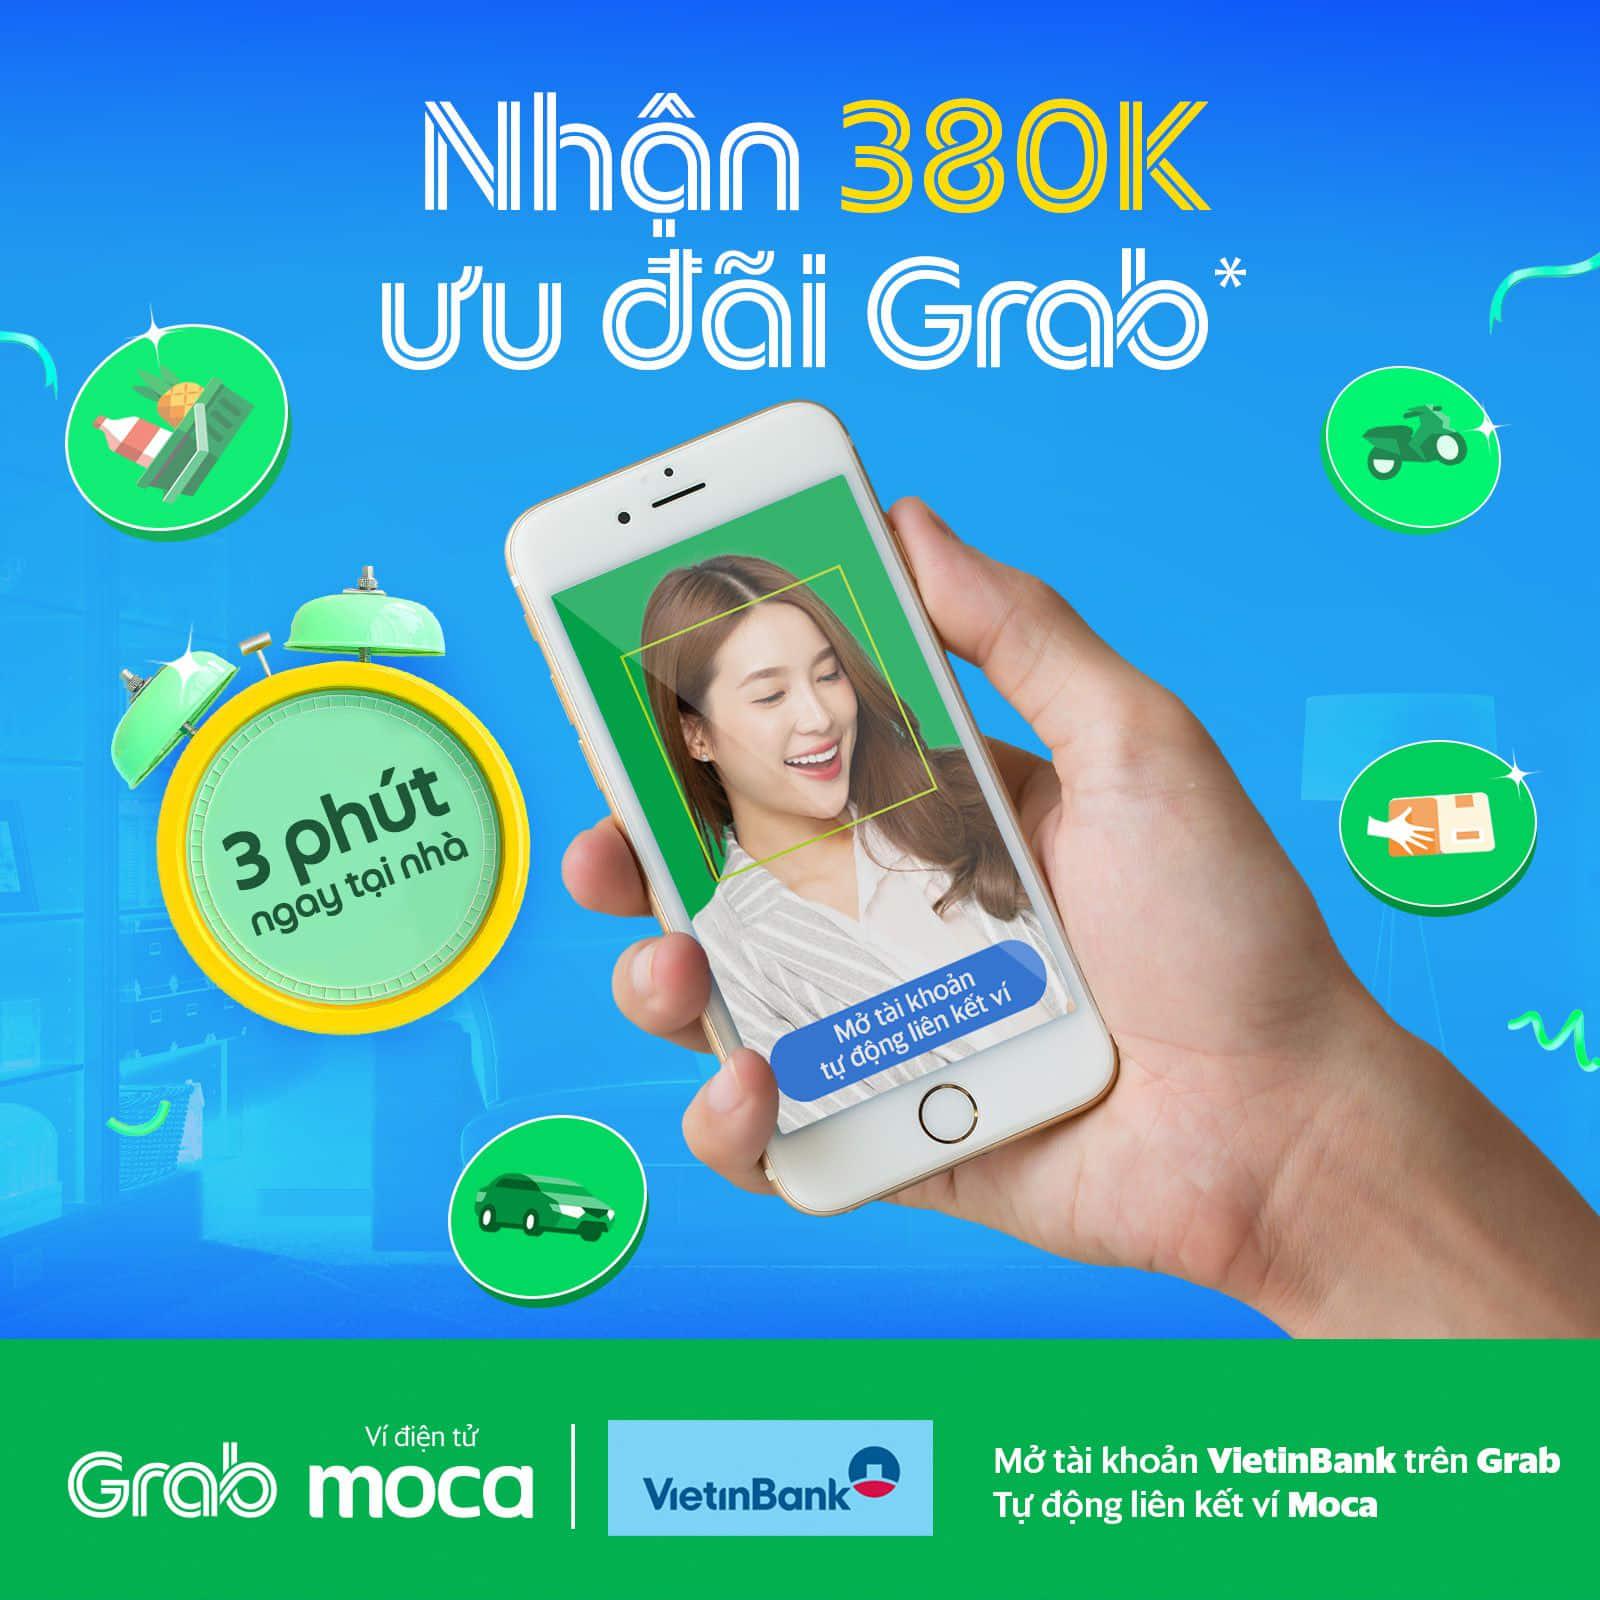 Mở tài khoản Vietin Bank, tự động kích hoạt ví Moca